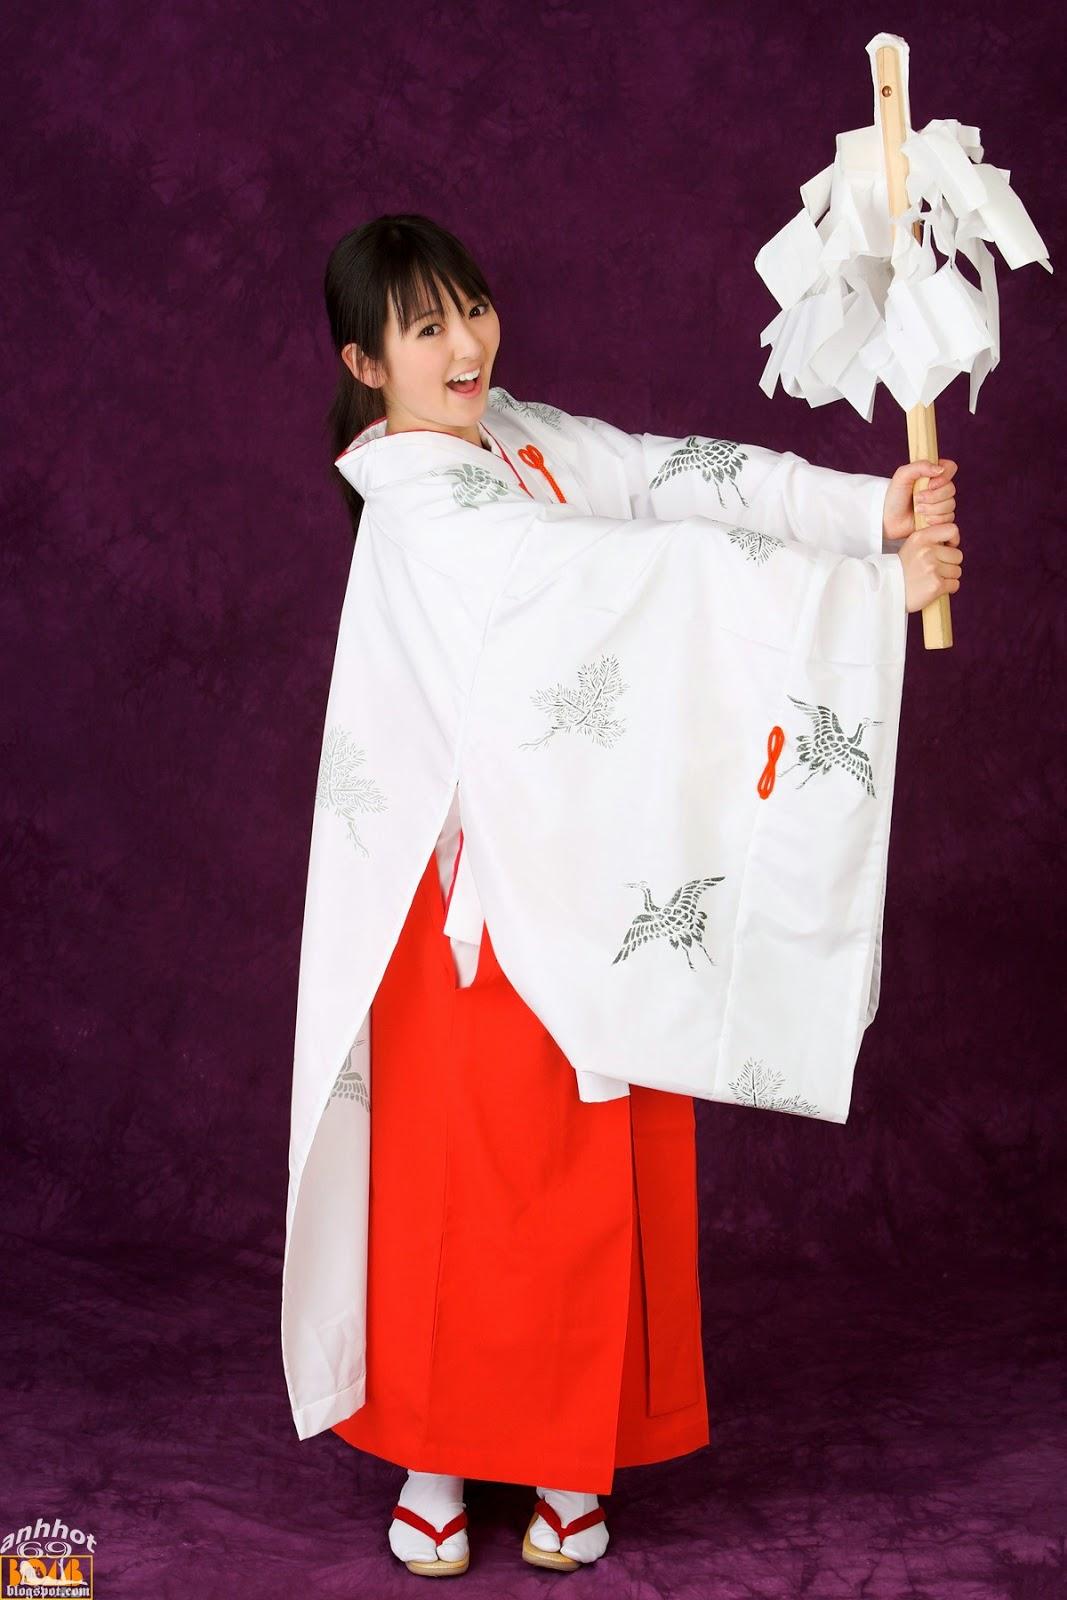 saki-takayama-01316308